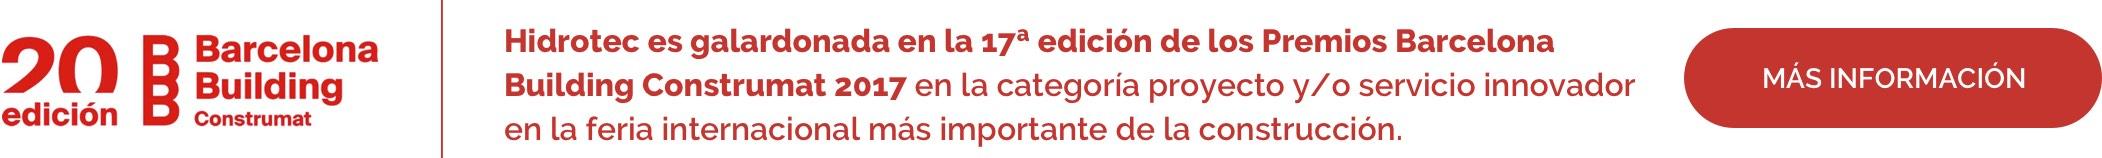 Hidrotec consiguió el premio a la excelencia técnica y la capacidad de dar respuestas a los nuevos retos del sector innovación.